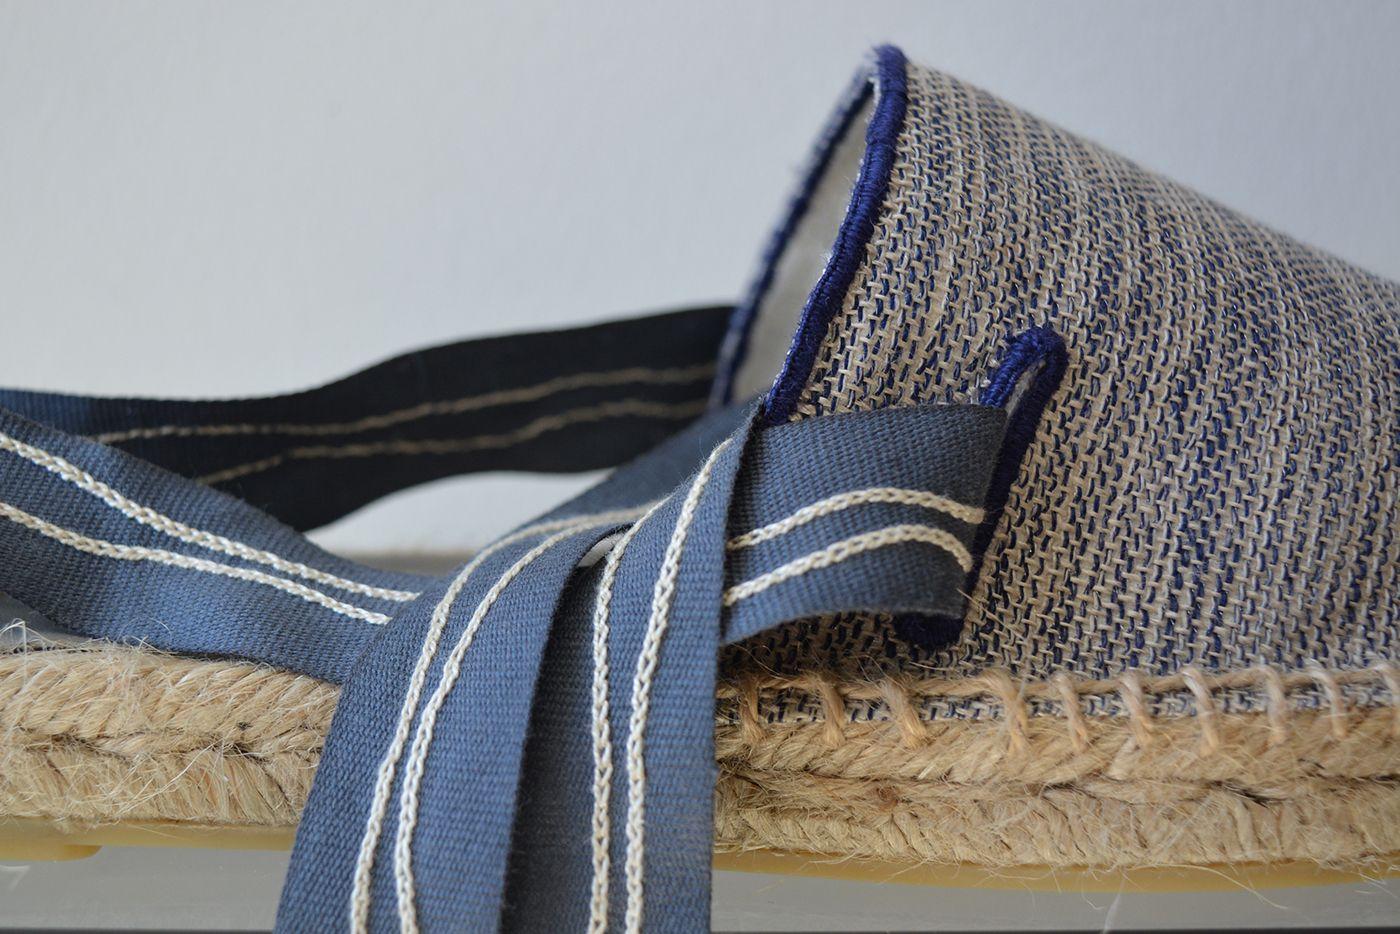 Embroidery Footwear on Behance. Bordado à mão. Hand Embroidered. #calçado #design #bordado #bordadoàmão #qualidade #exclusivo #excelência #produto #teiadelinho   #shoe #shoes #design #embroidery #handembroidery #quality #exclusive #excellence #product #teiadelinho